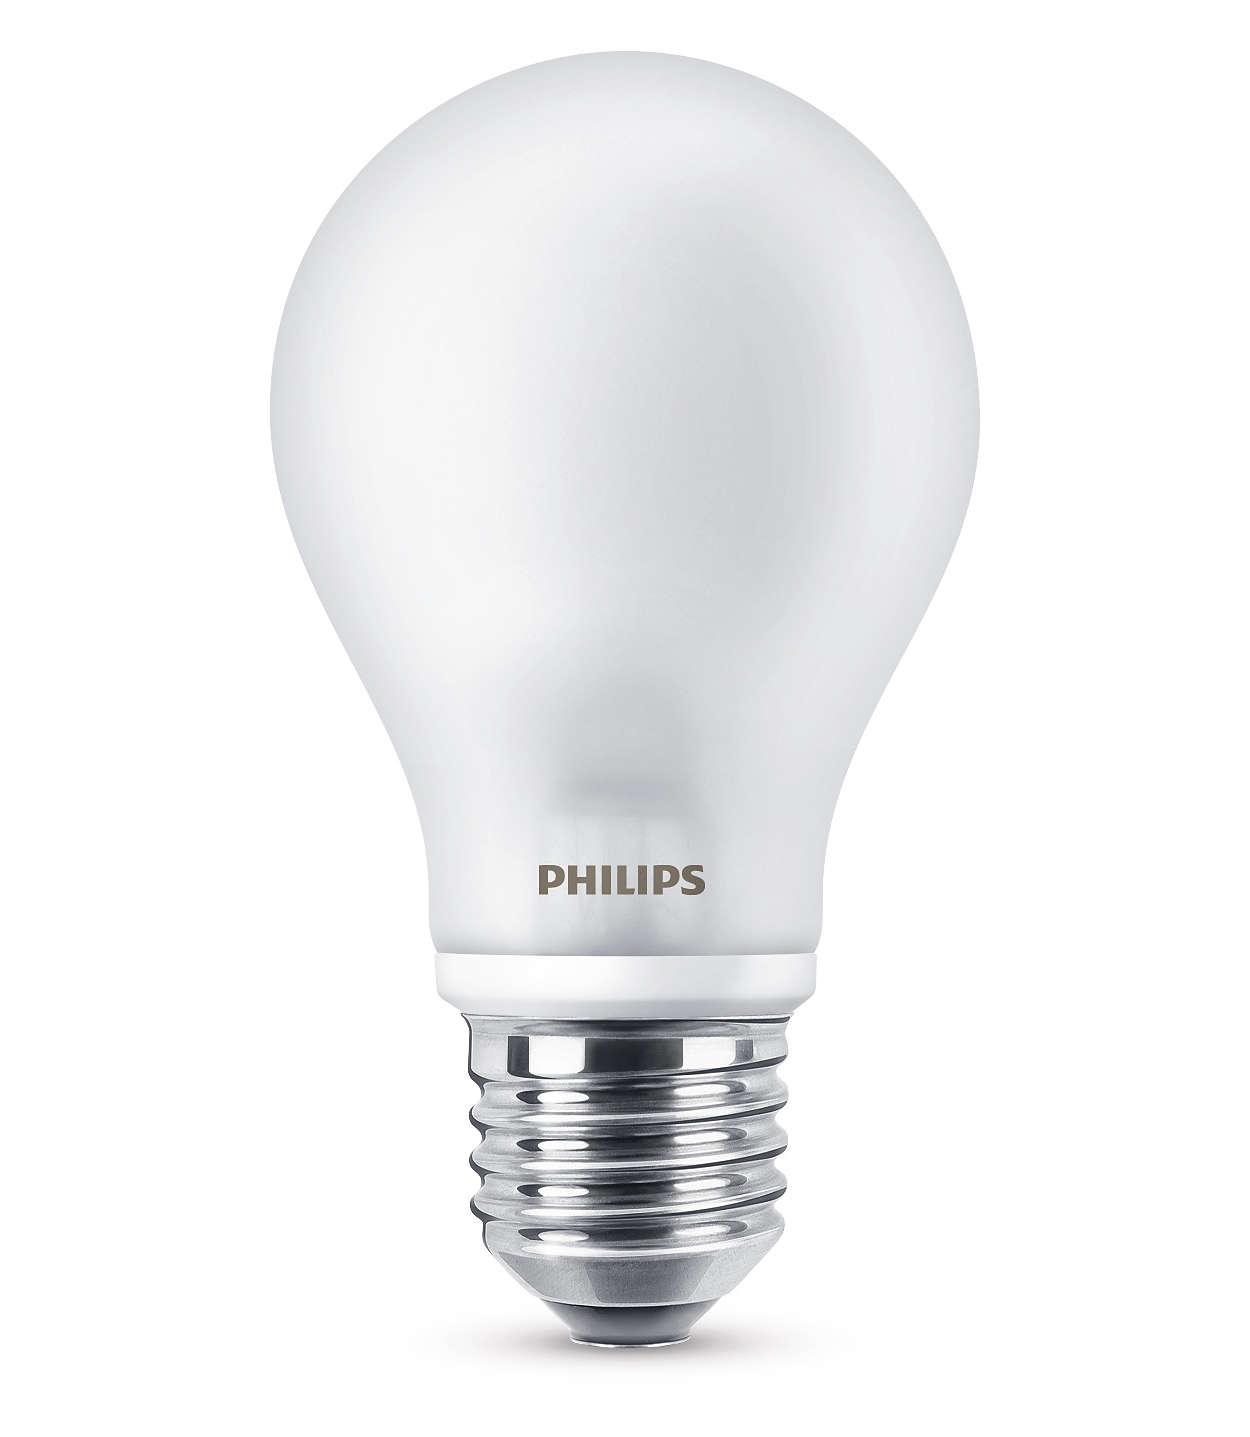 led lampe 8718696419656 philips. Black Bedroom Furniture Sets. Home Design Ideas